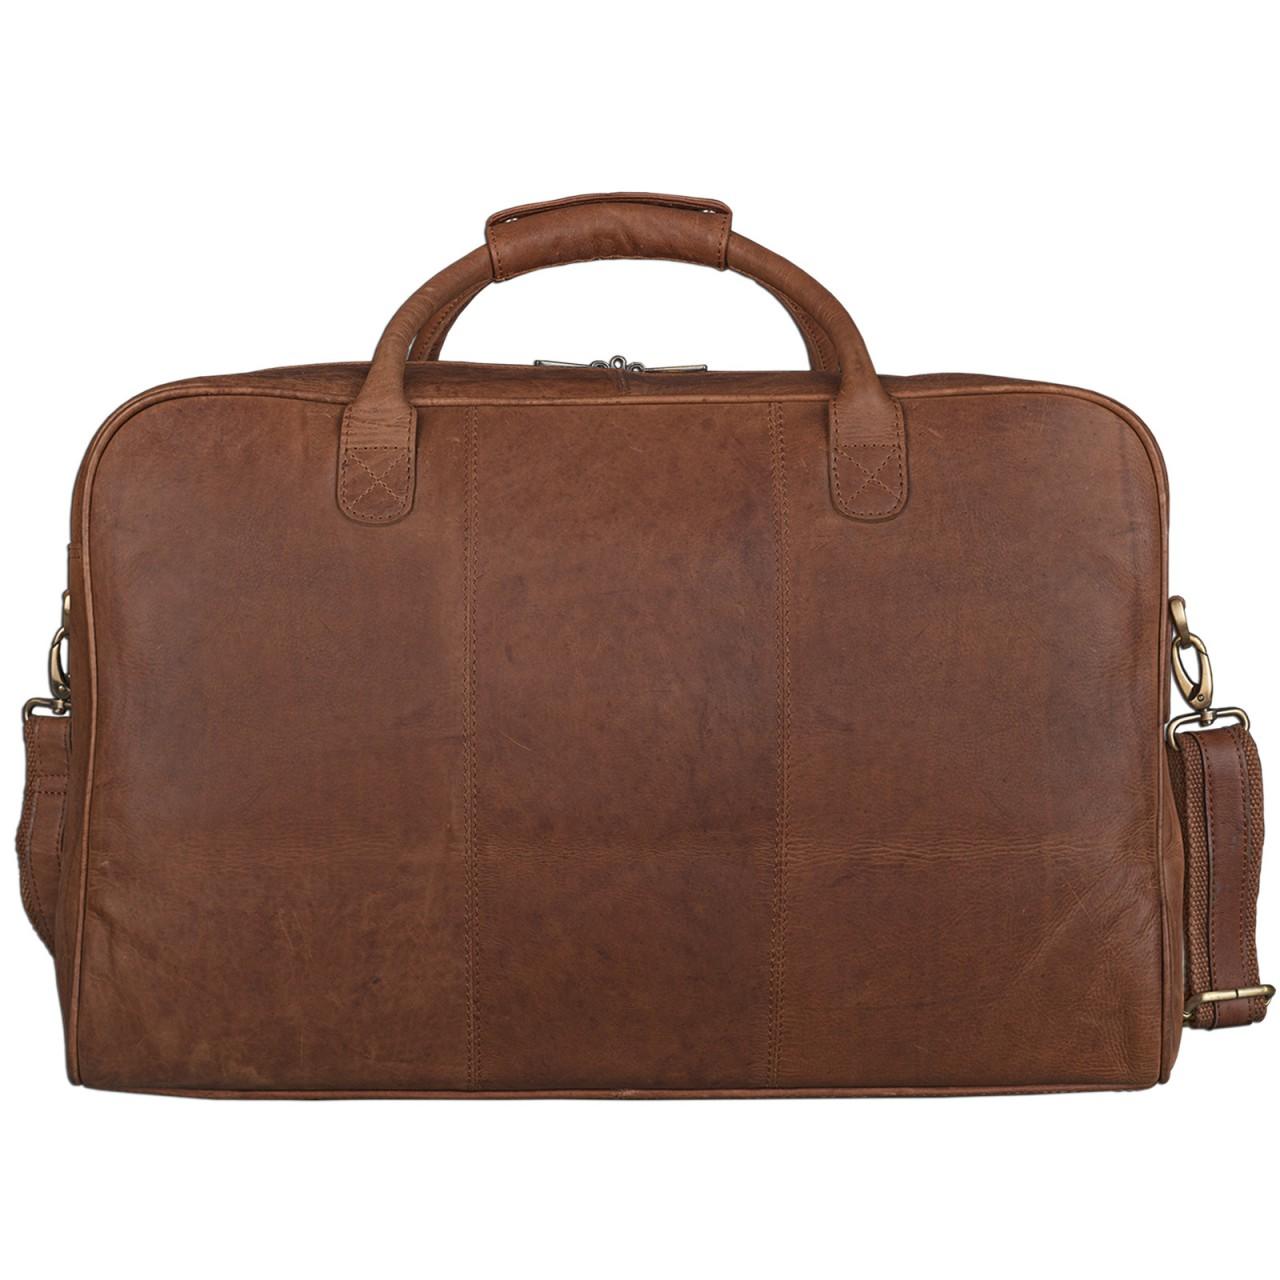 STILORD Reisetasche elegant und groß XXL Weekender Bag Sporttasche Freizeittasche Ledertasche echtes Büffel-Leder cognac braun - Bild 7